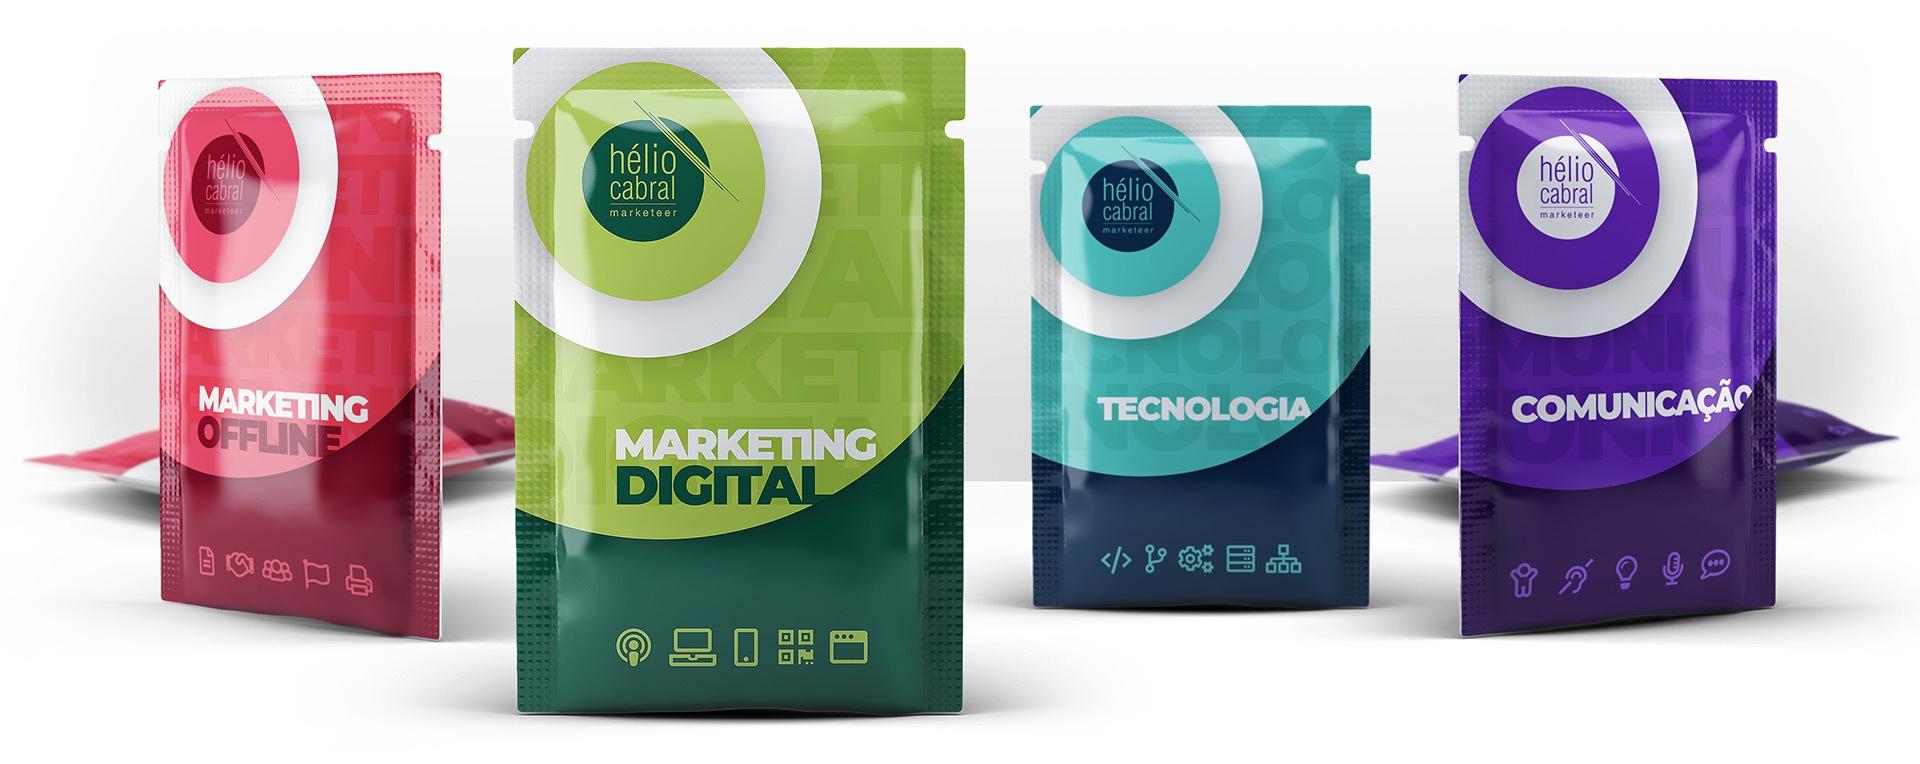 hélio cabral marketing digital e comuicação novas vitaminas